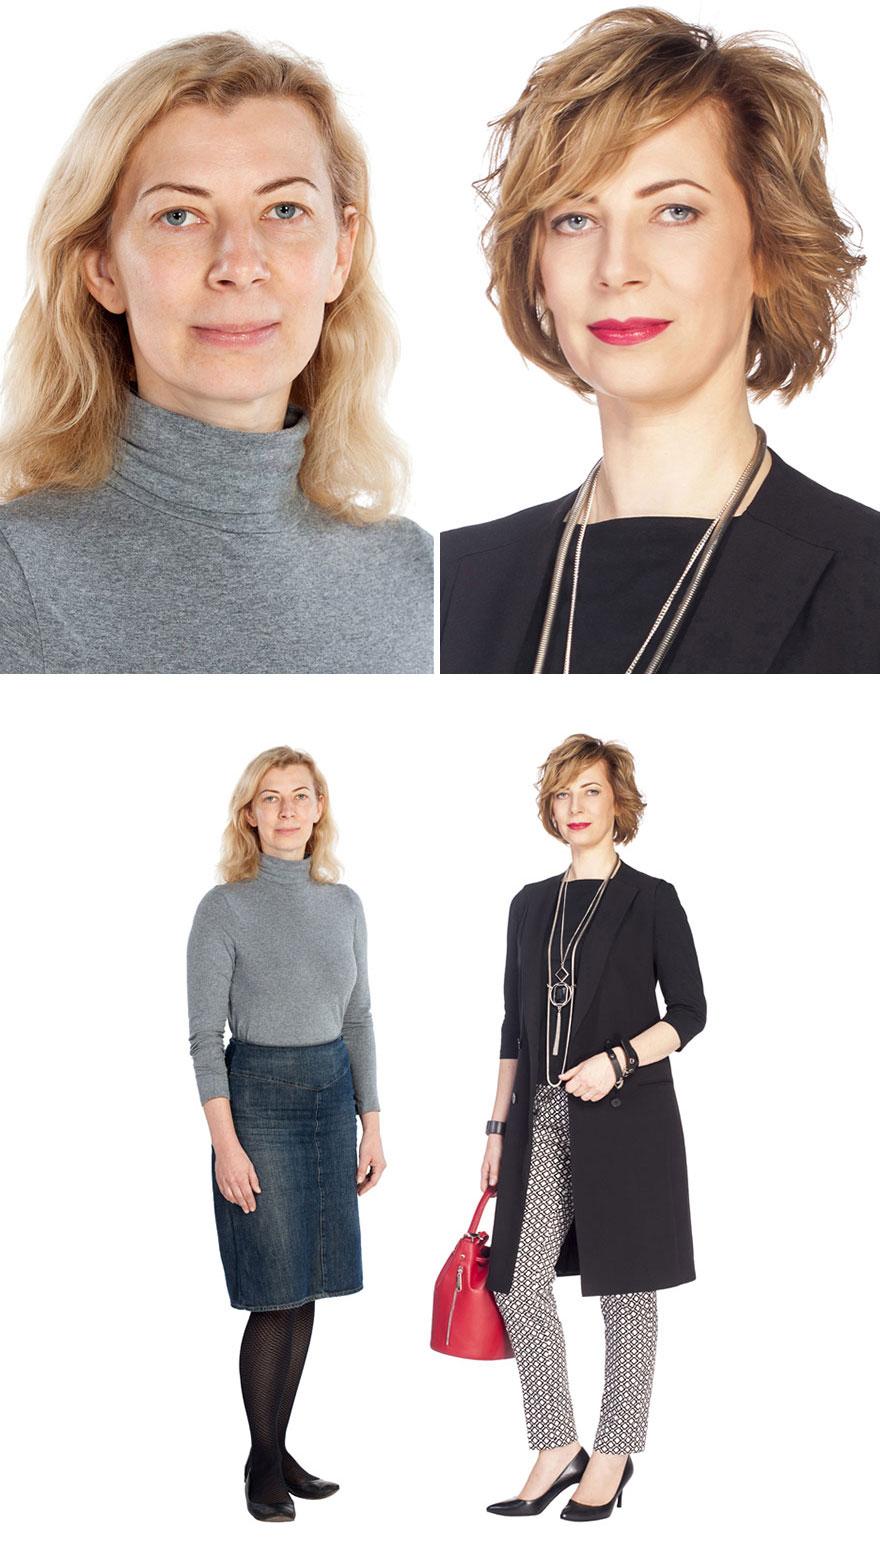 fotos-antes-despues-mujeres-cambio-estilo-bogomolov (17)